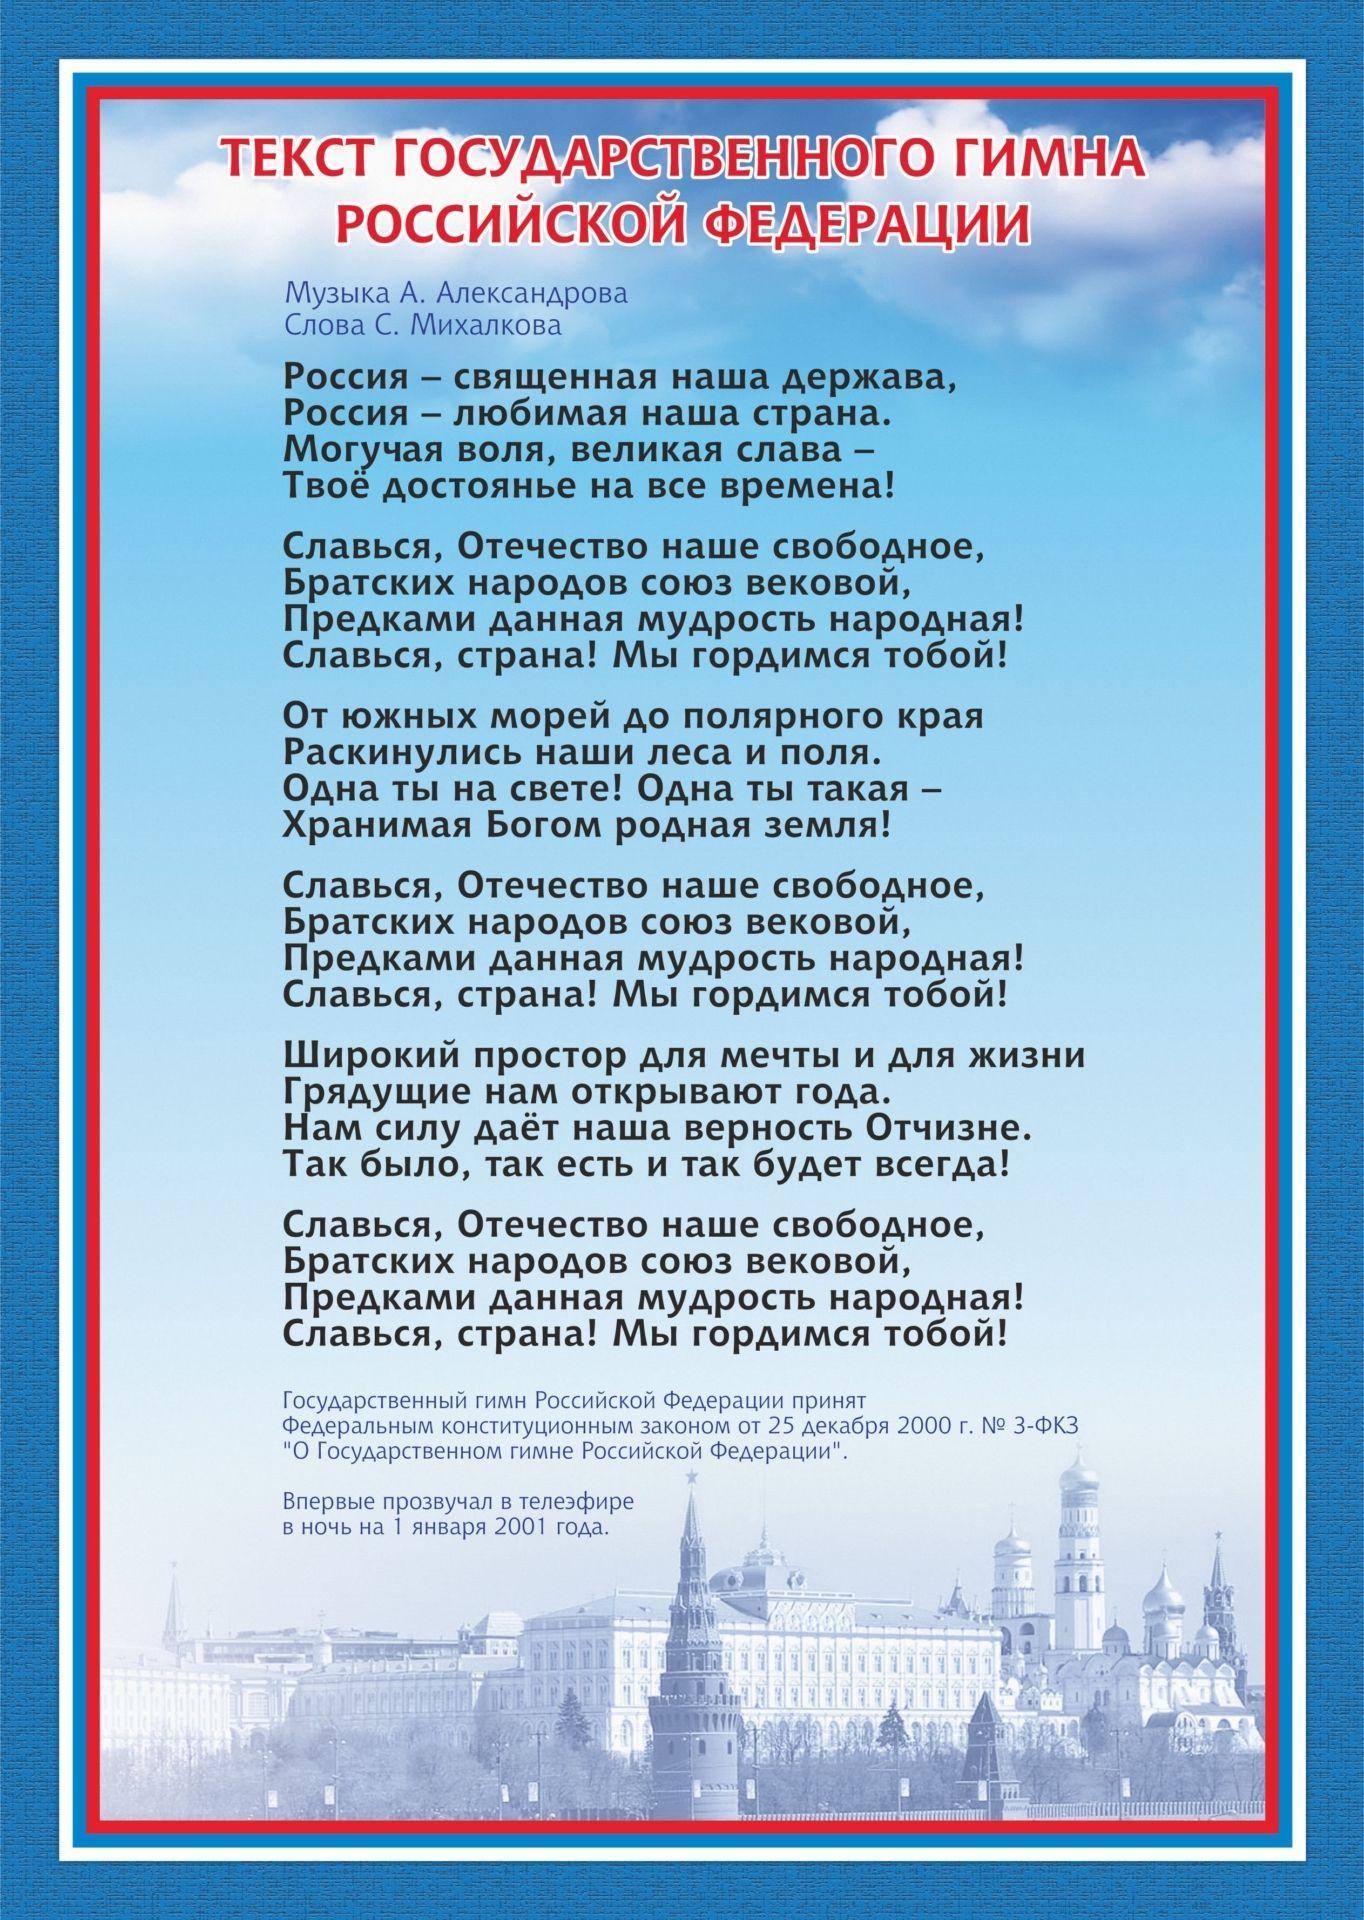 Тематический плакат Гимн Российской ФедерацииПлакаты, постеры, карты<br>Материалы:на обложку - бумага мелованная, пл. 250.00.<br><br>Год: 2017<br>Высота: 297<br>Ширина: 210